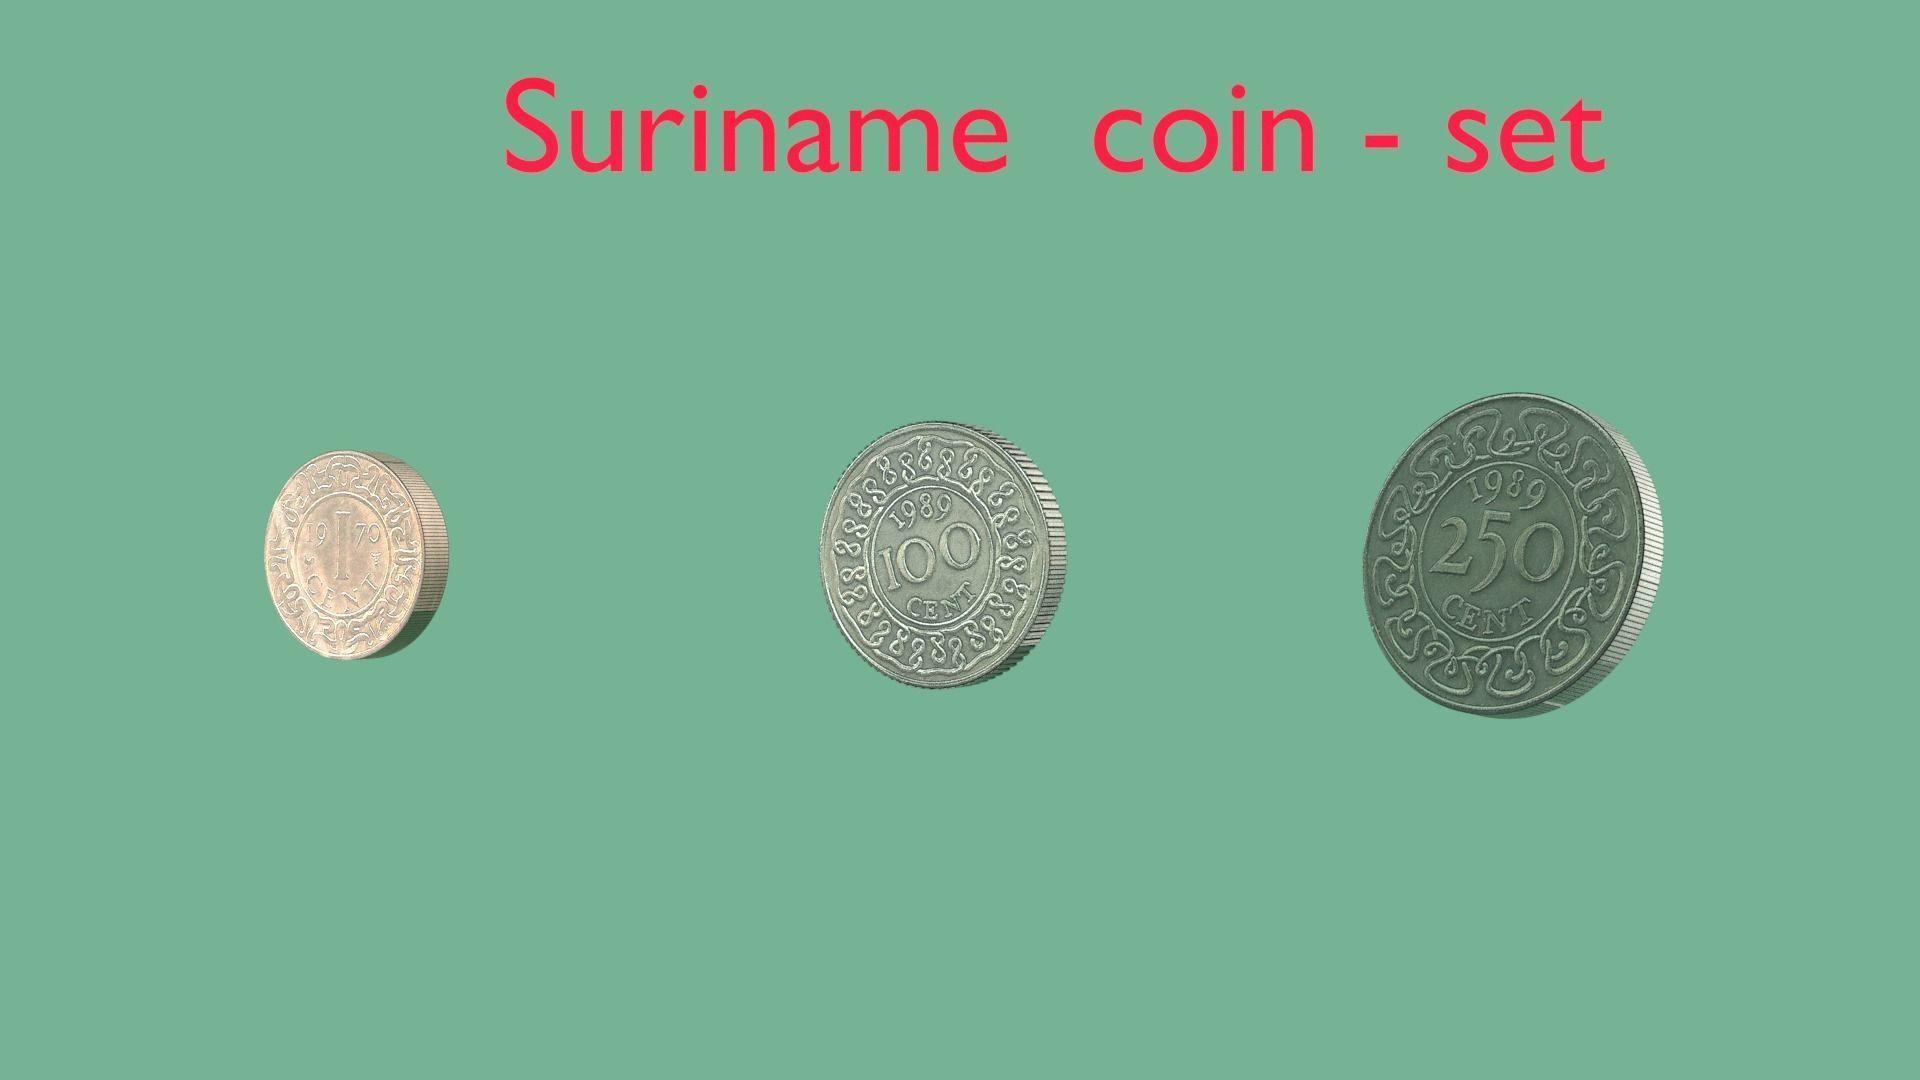 Suriname coin - set model